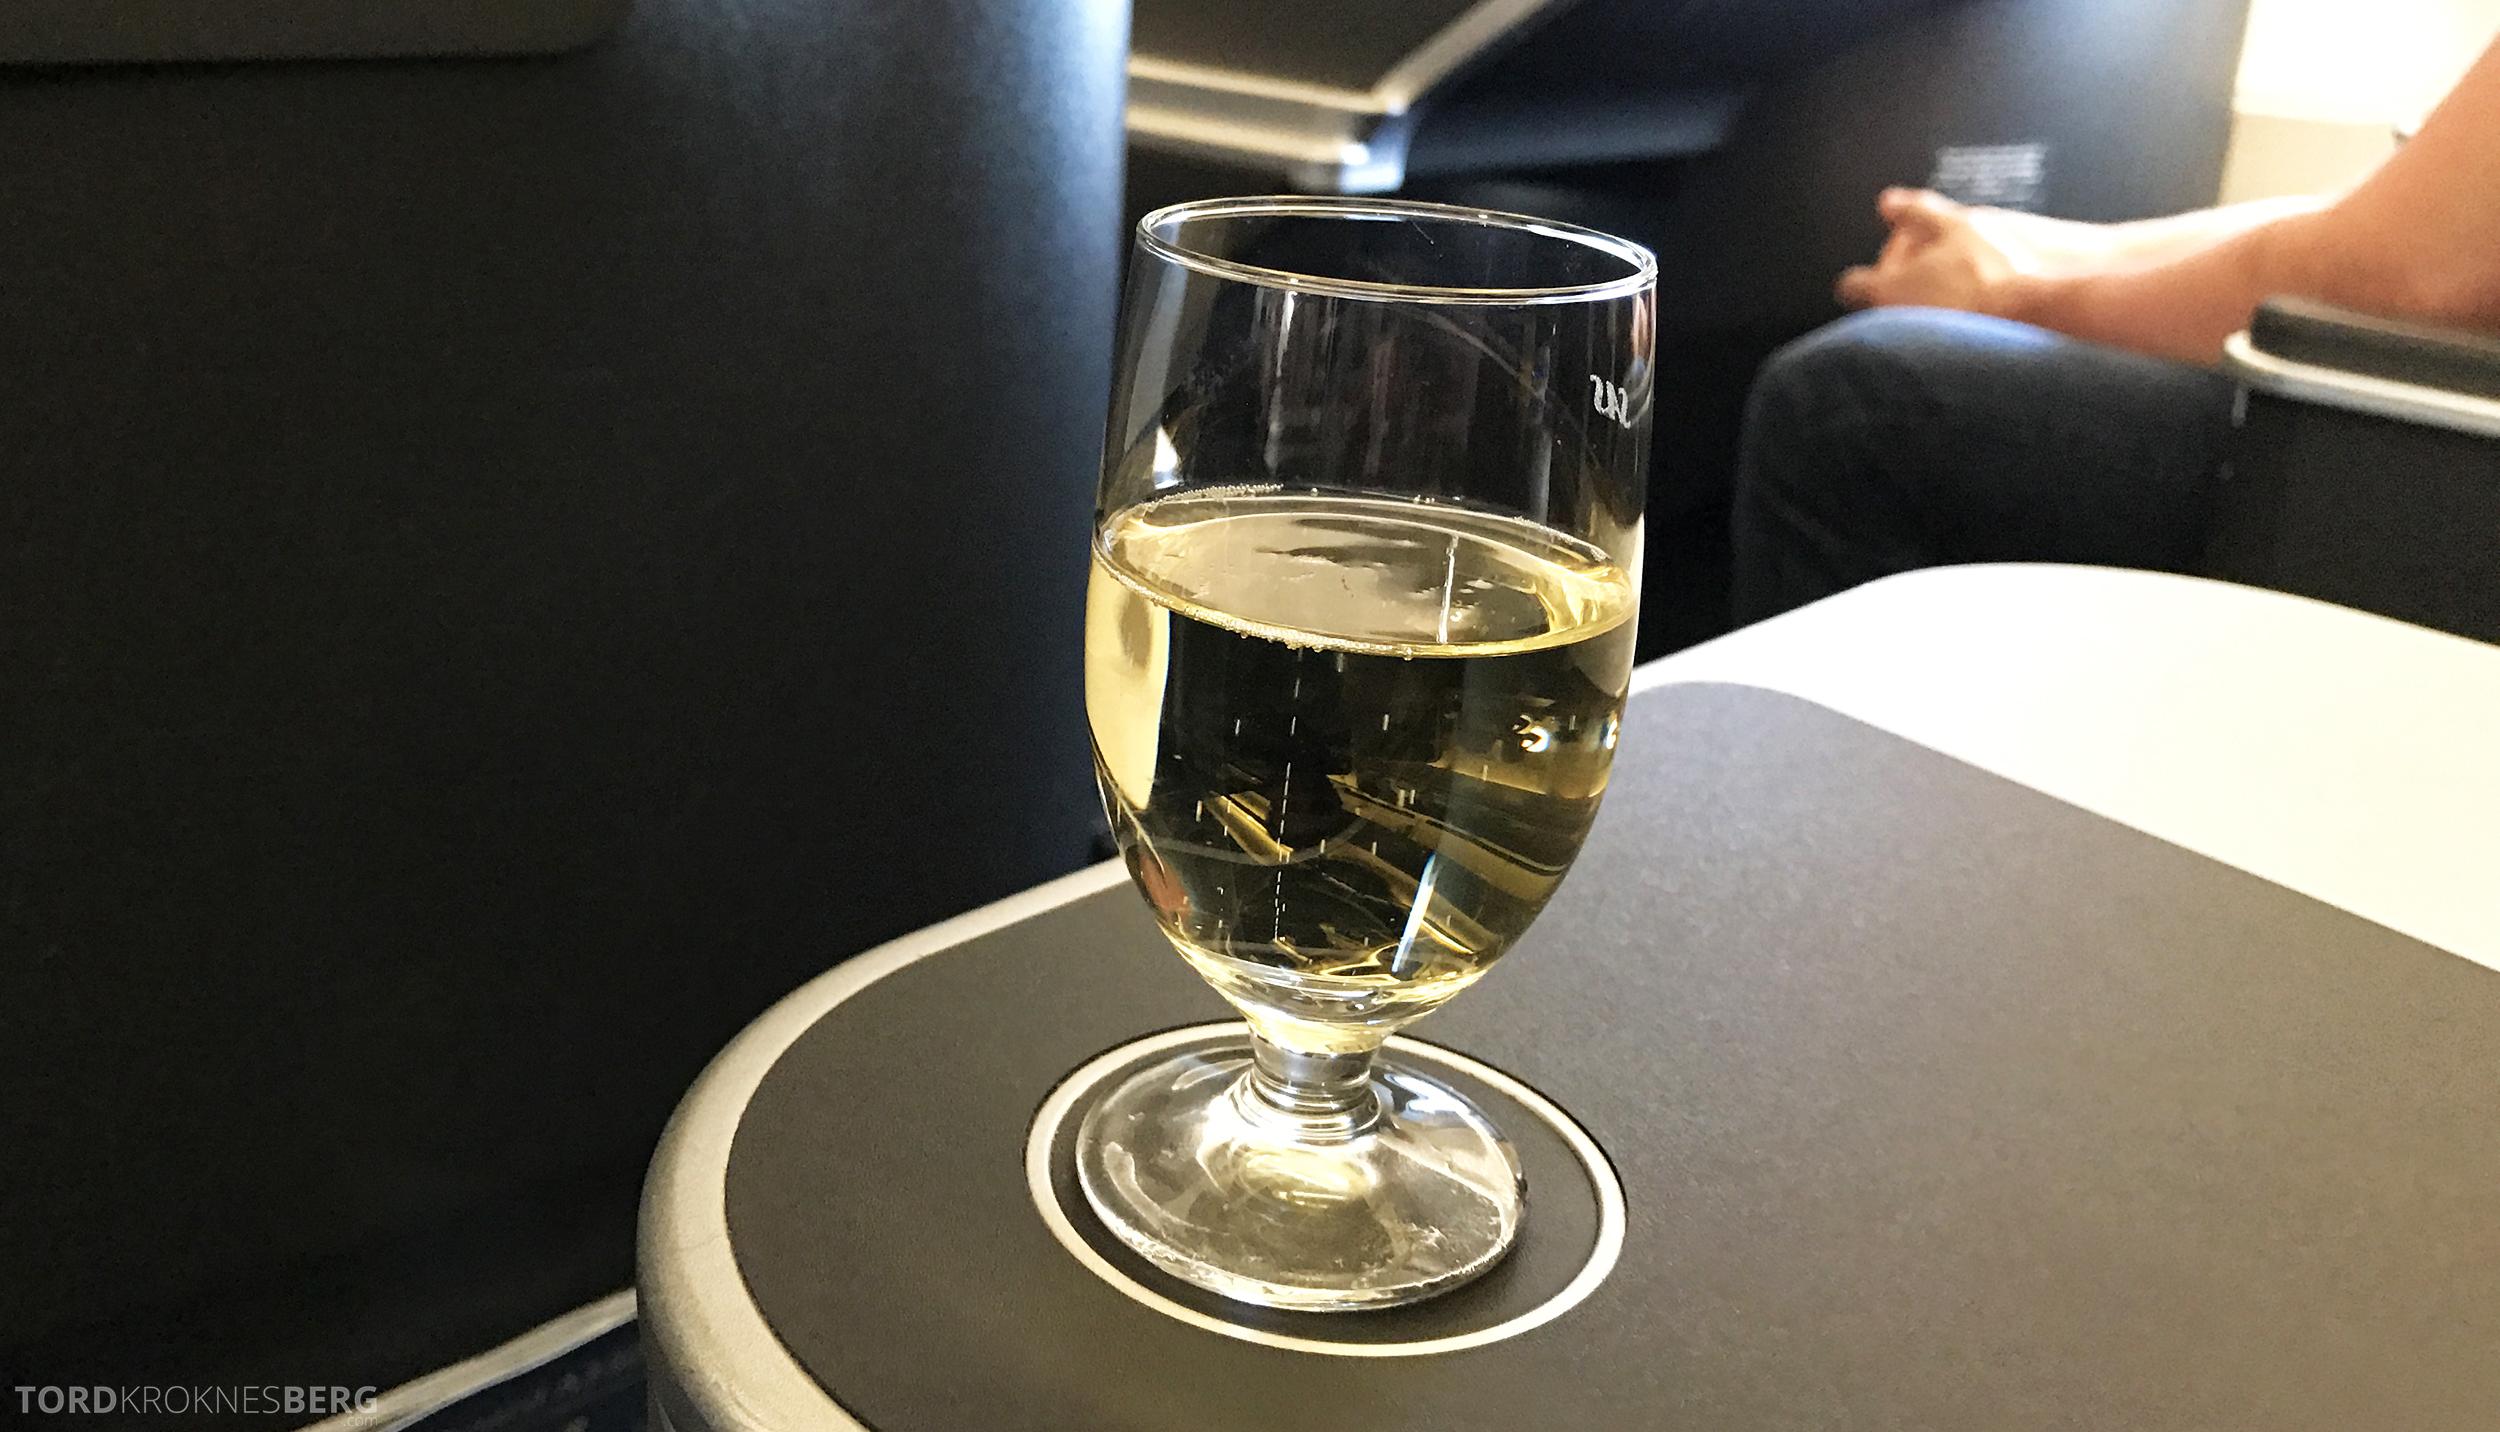 SAS Business Class Miami Oslo champagne